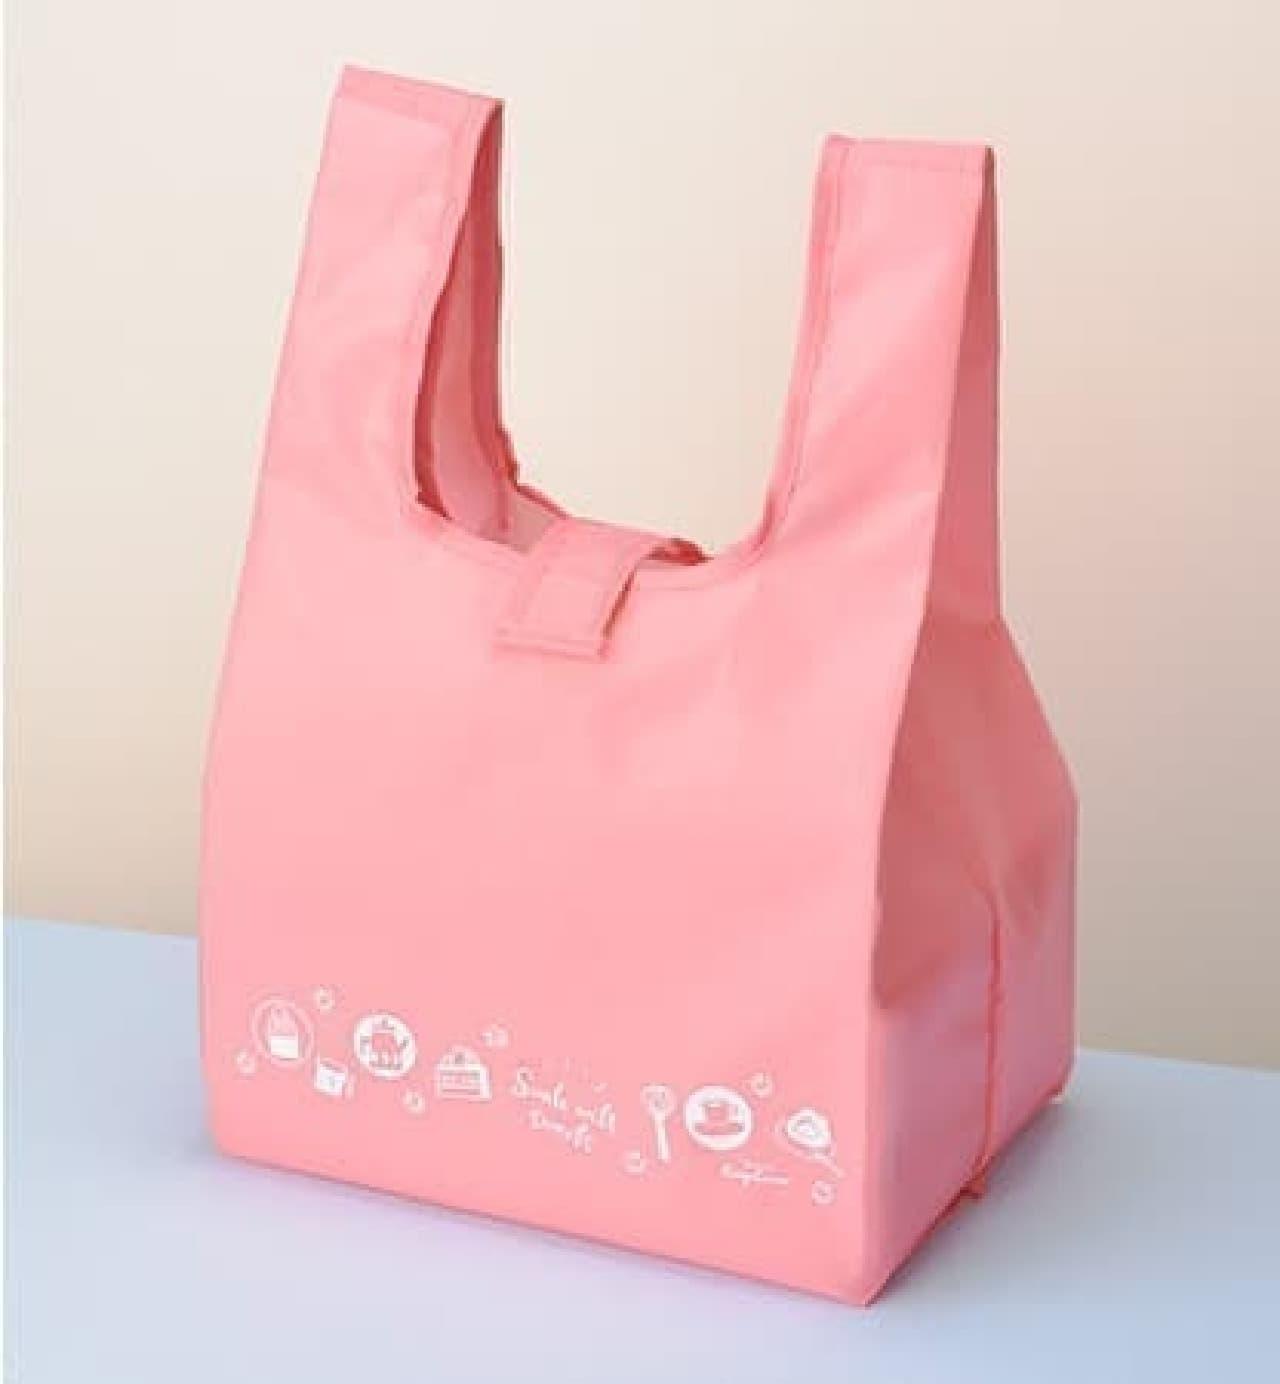 銀座コージーコーナー母の日限定デザインのオリジナルエコバッグ